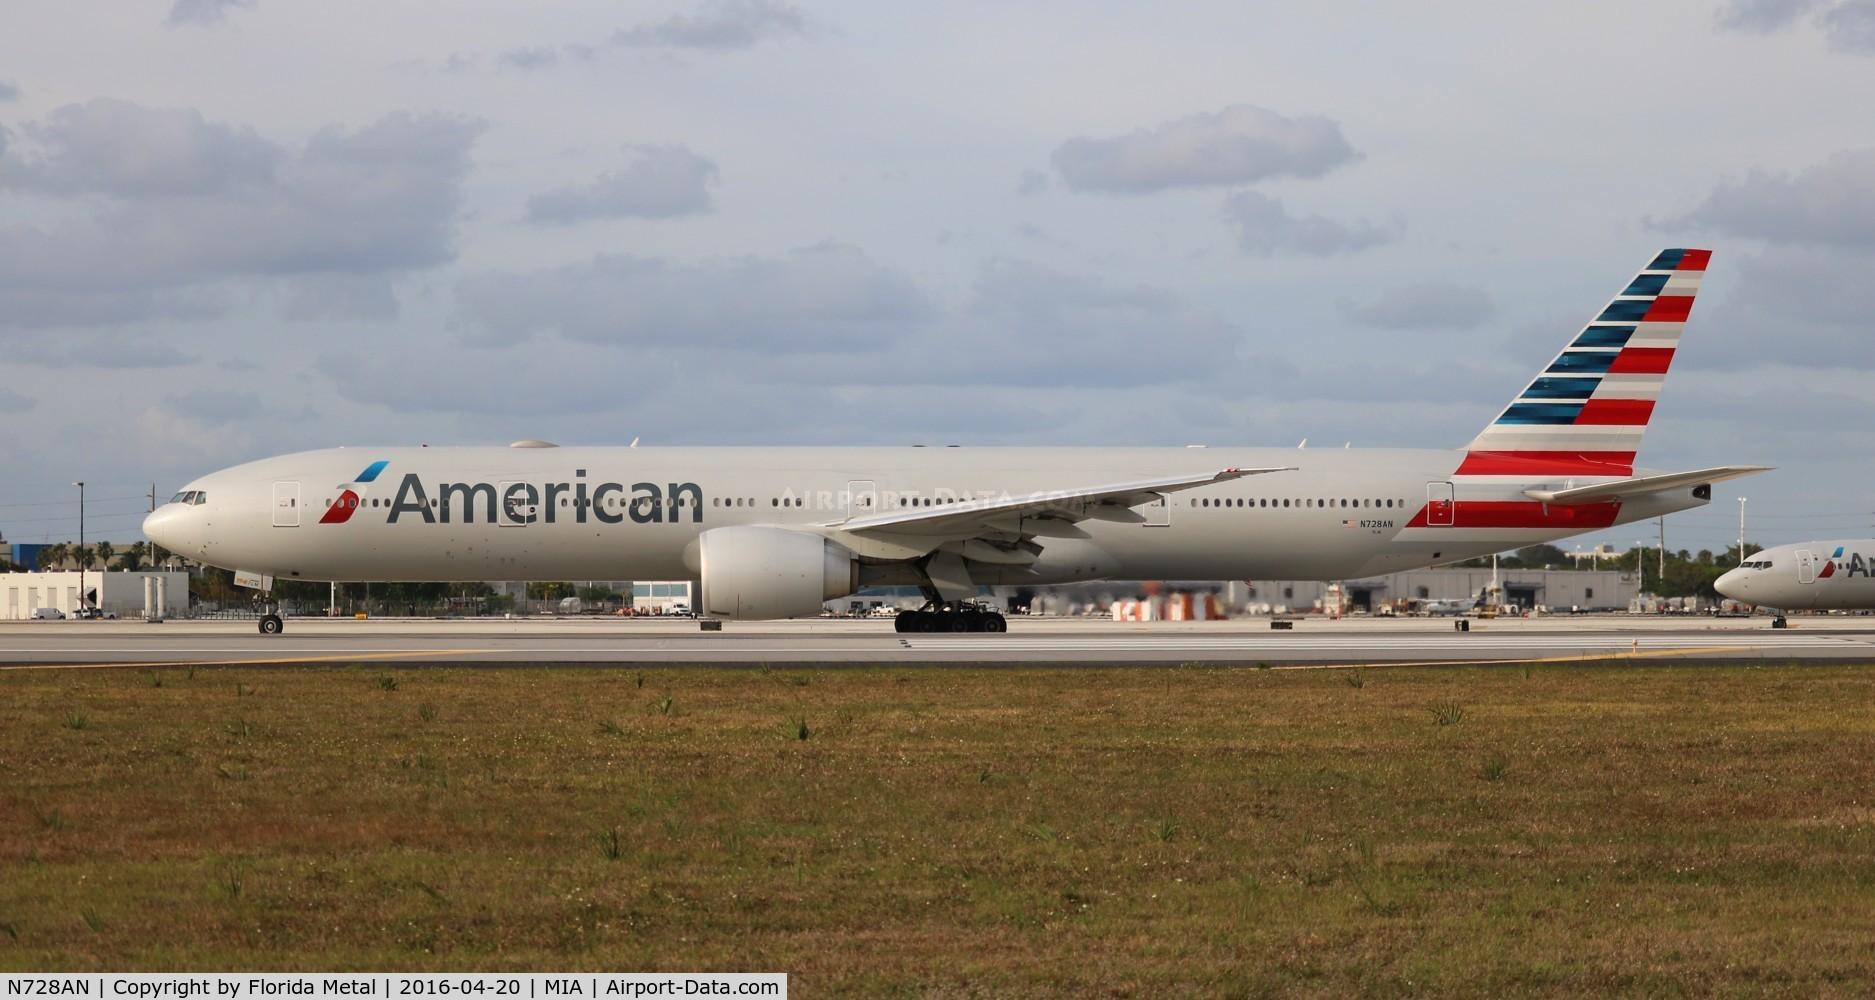 N728AN, 2014 Boeing 777-323/ER C/N 31553, American